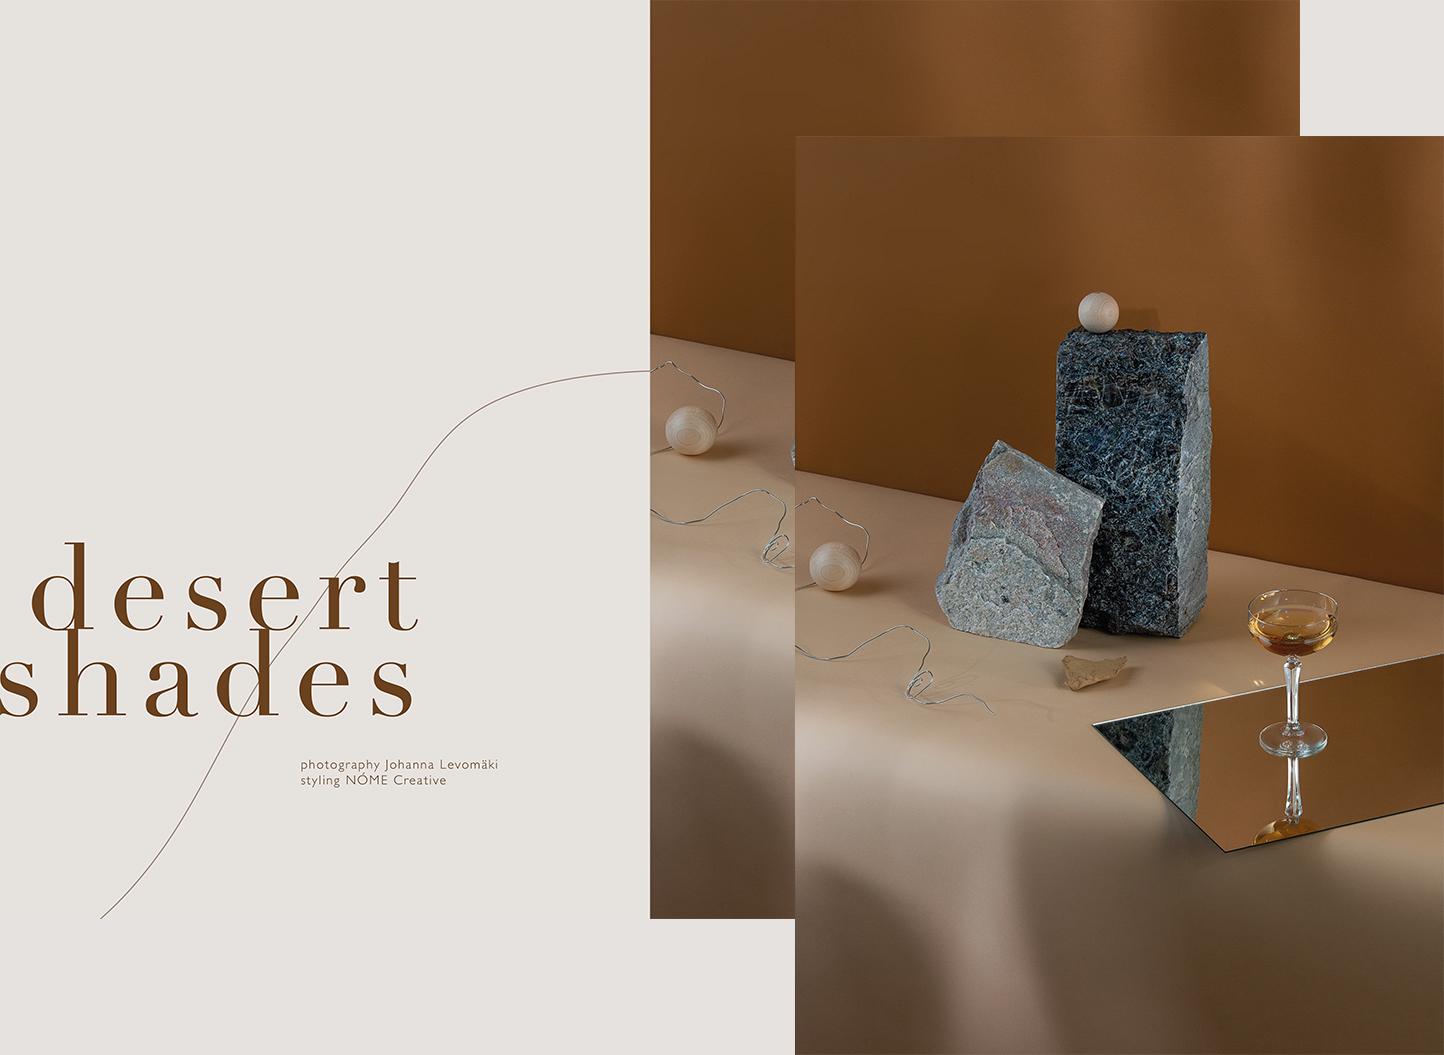 desertshades-1.jpg